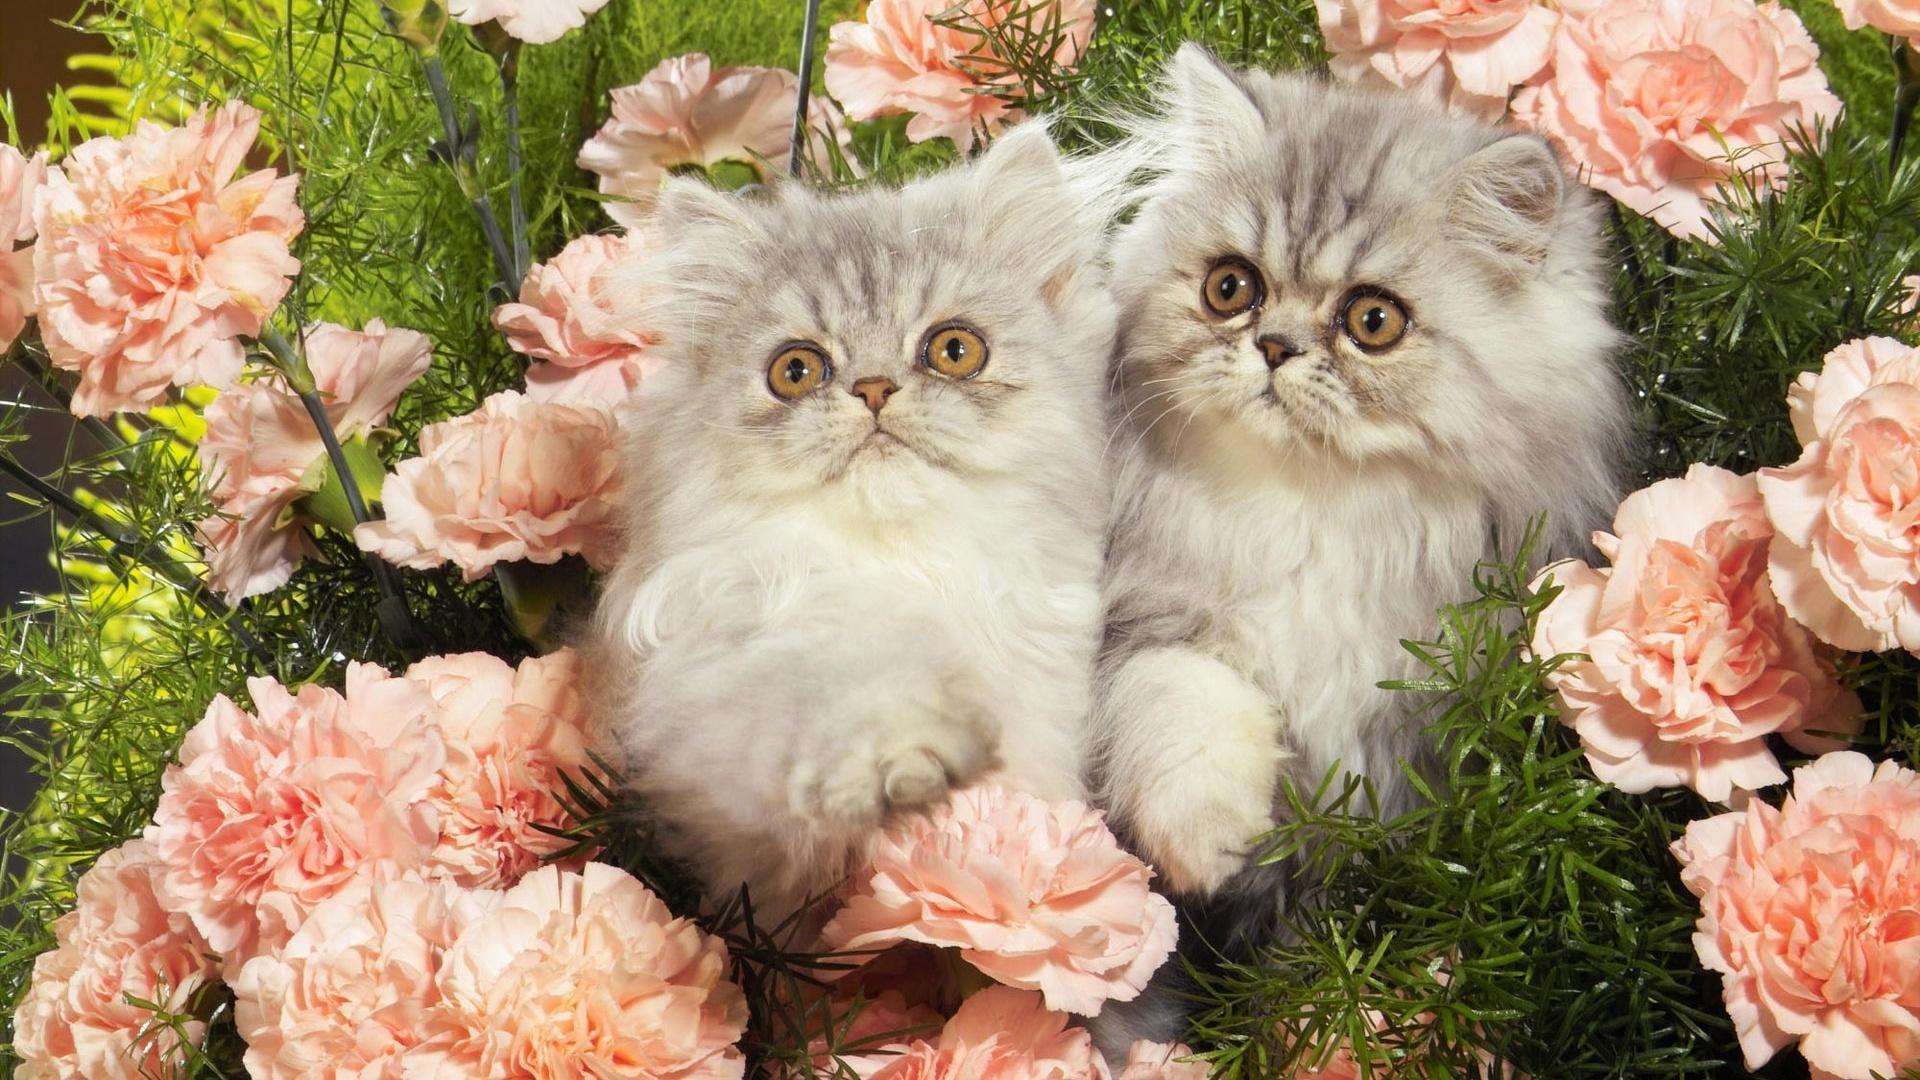 Ảnh hai bé mèo Ba Tư với biểu cảm dễ thương